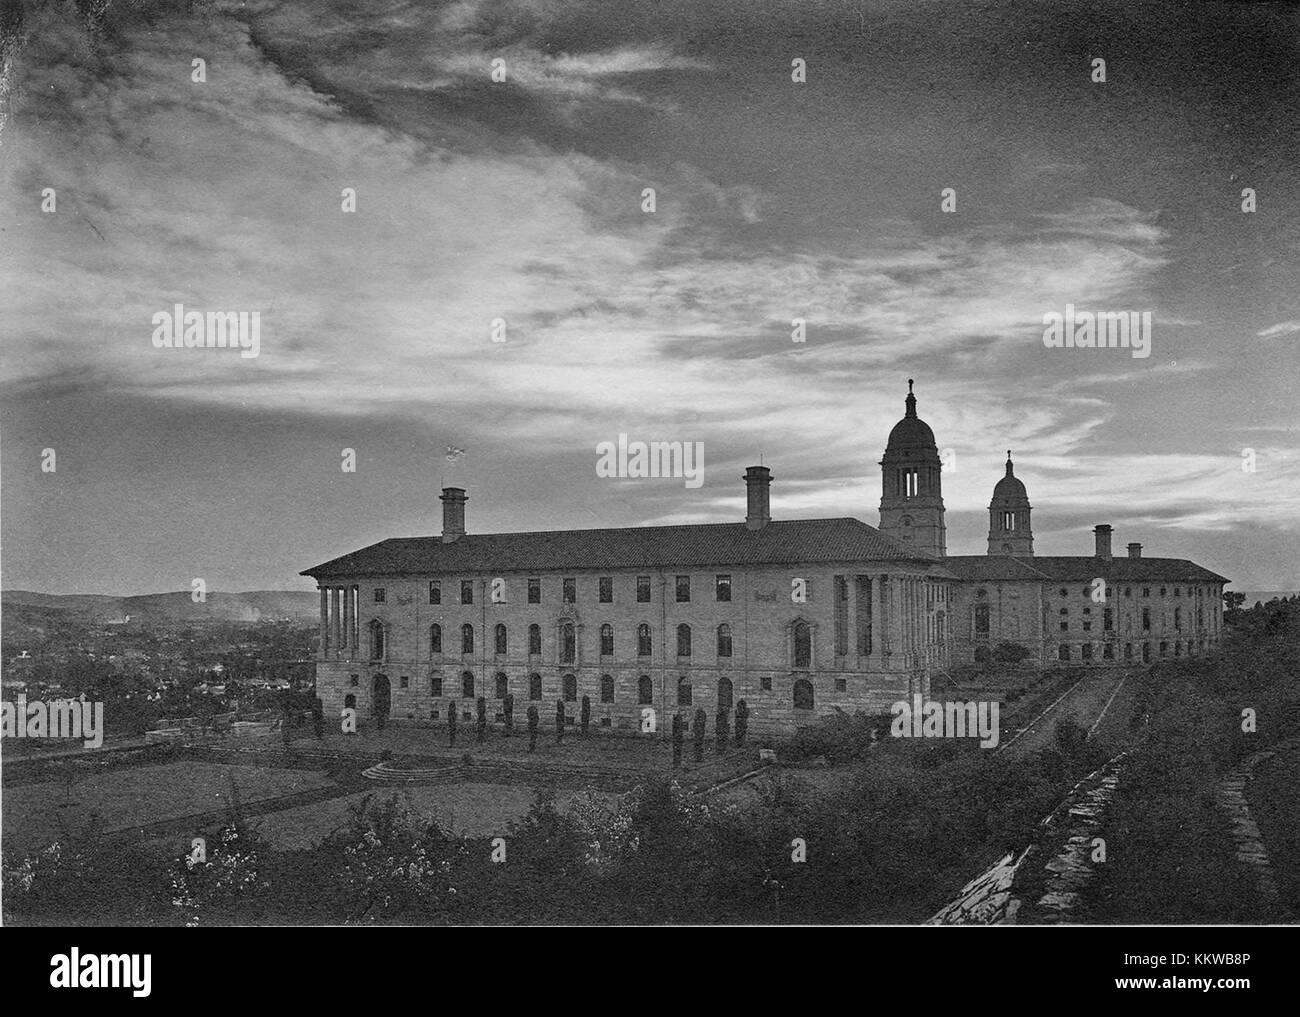 Uniegebou in Pretoria, Suid Afrika c1925 - Stock Image